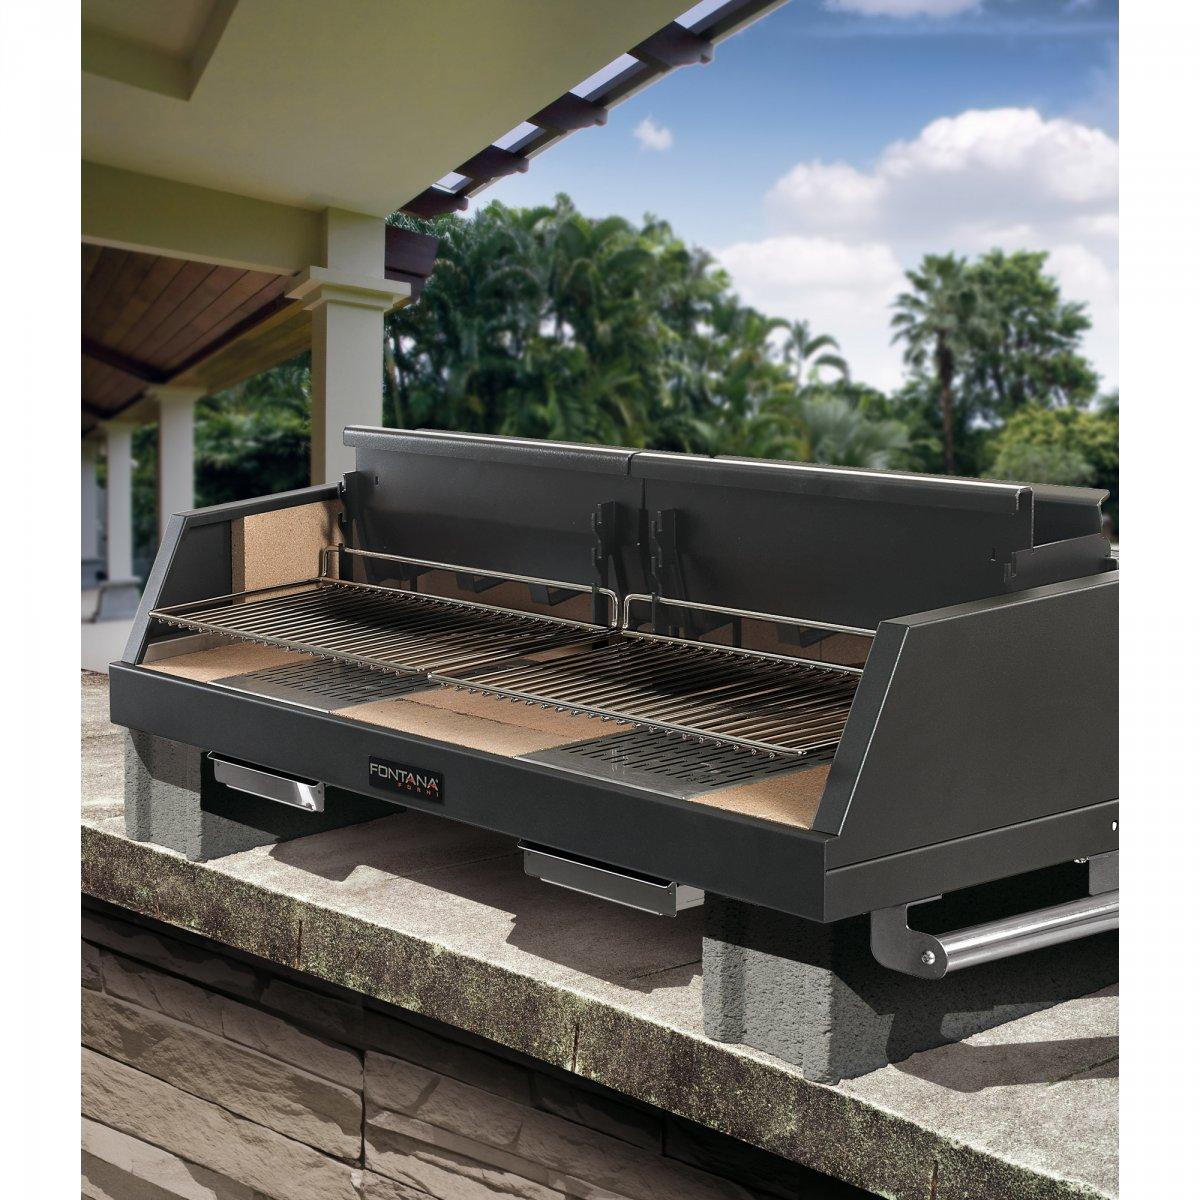 Barbecue Mobili Da Giardino.Fontana Forni Barbecue A Legna Egeo Da Appoggio Fontana Forni Giardino Barbecue